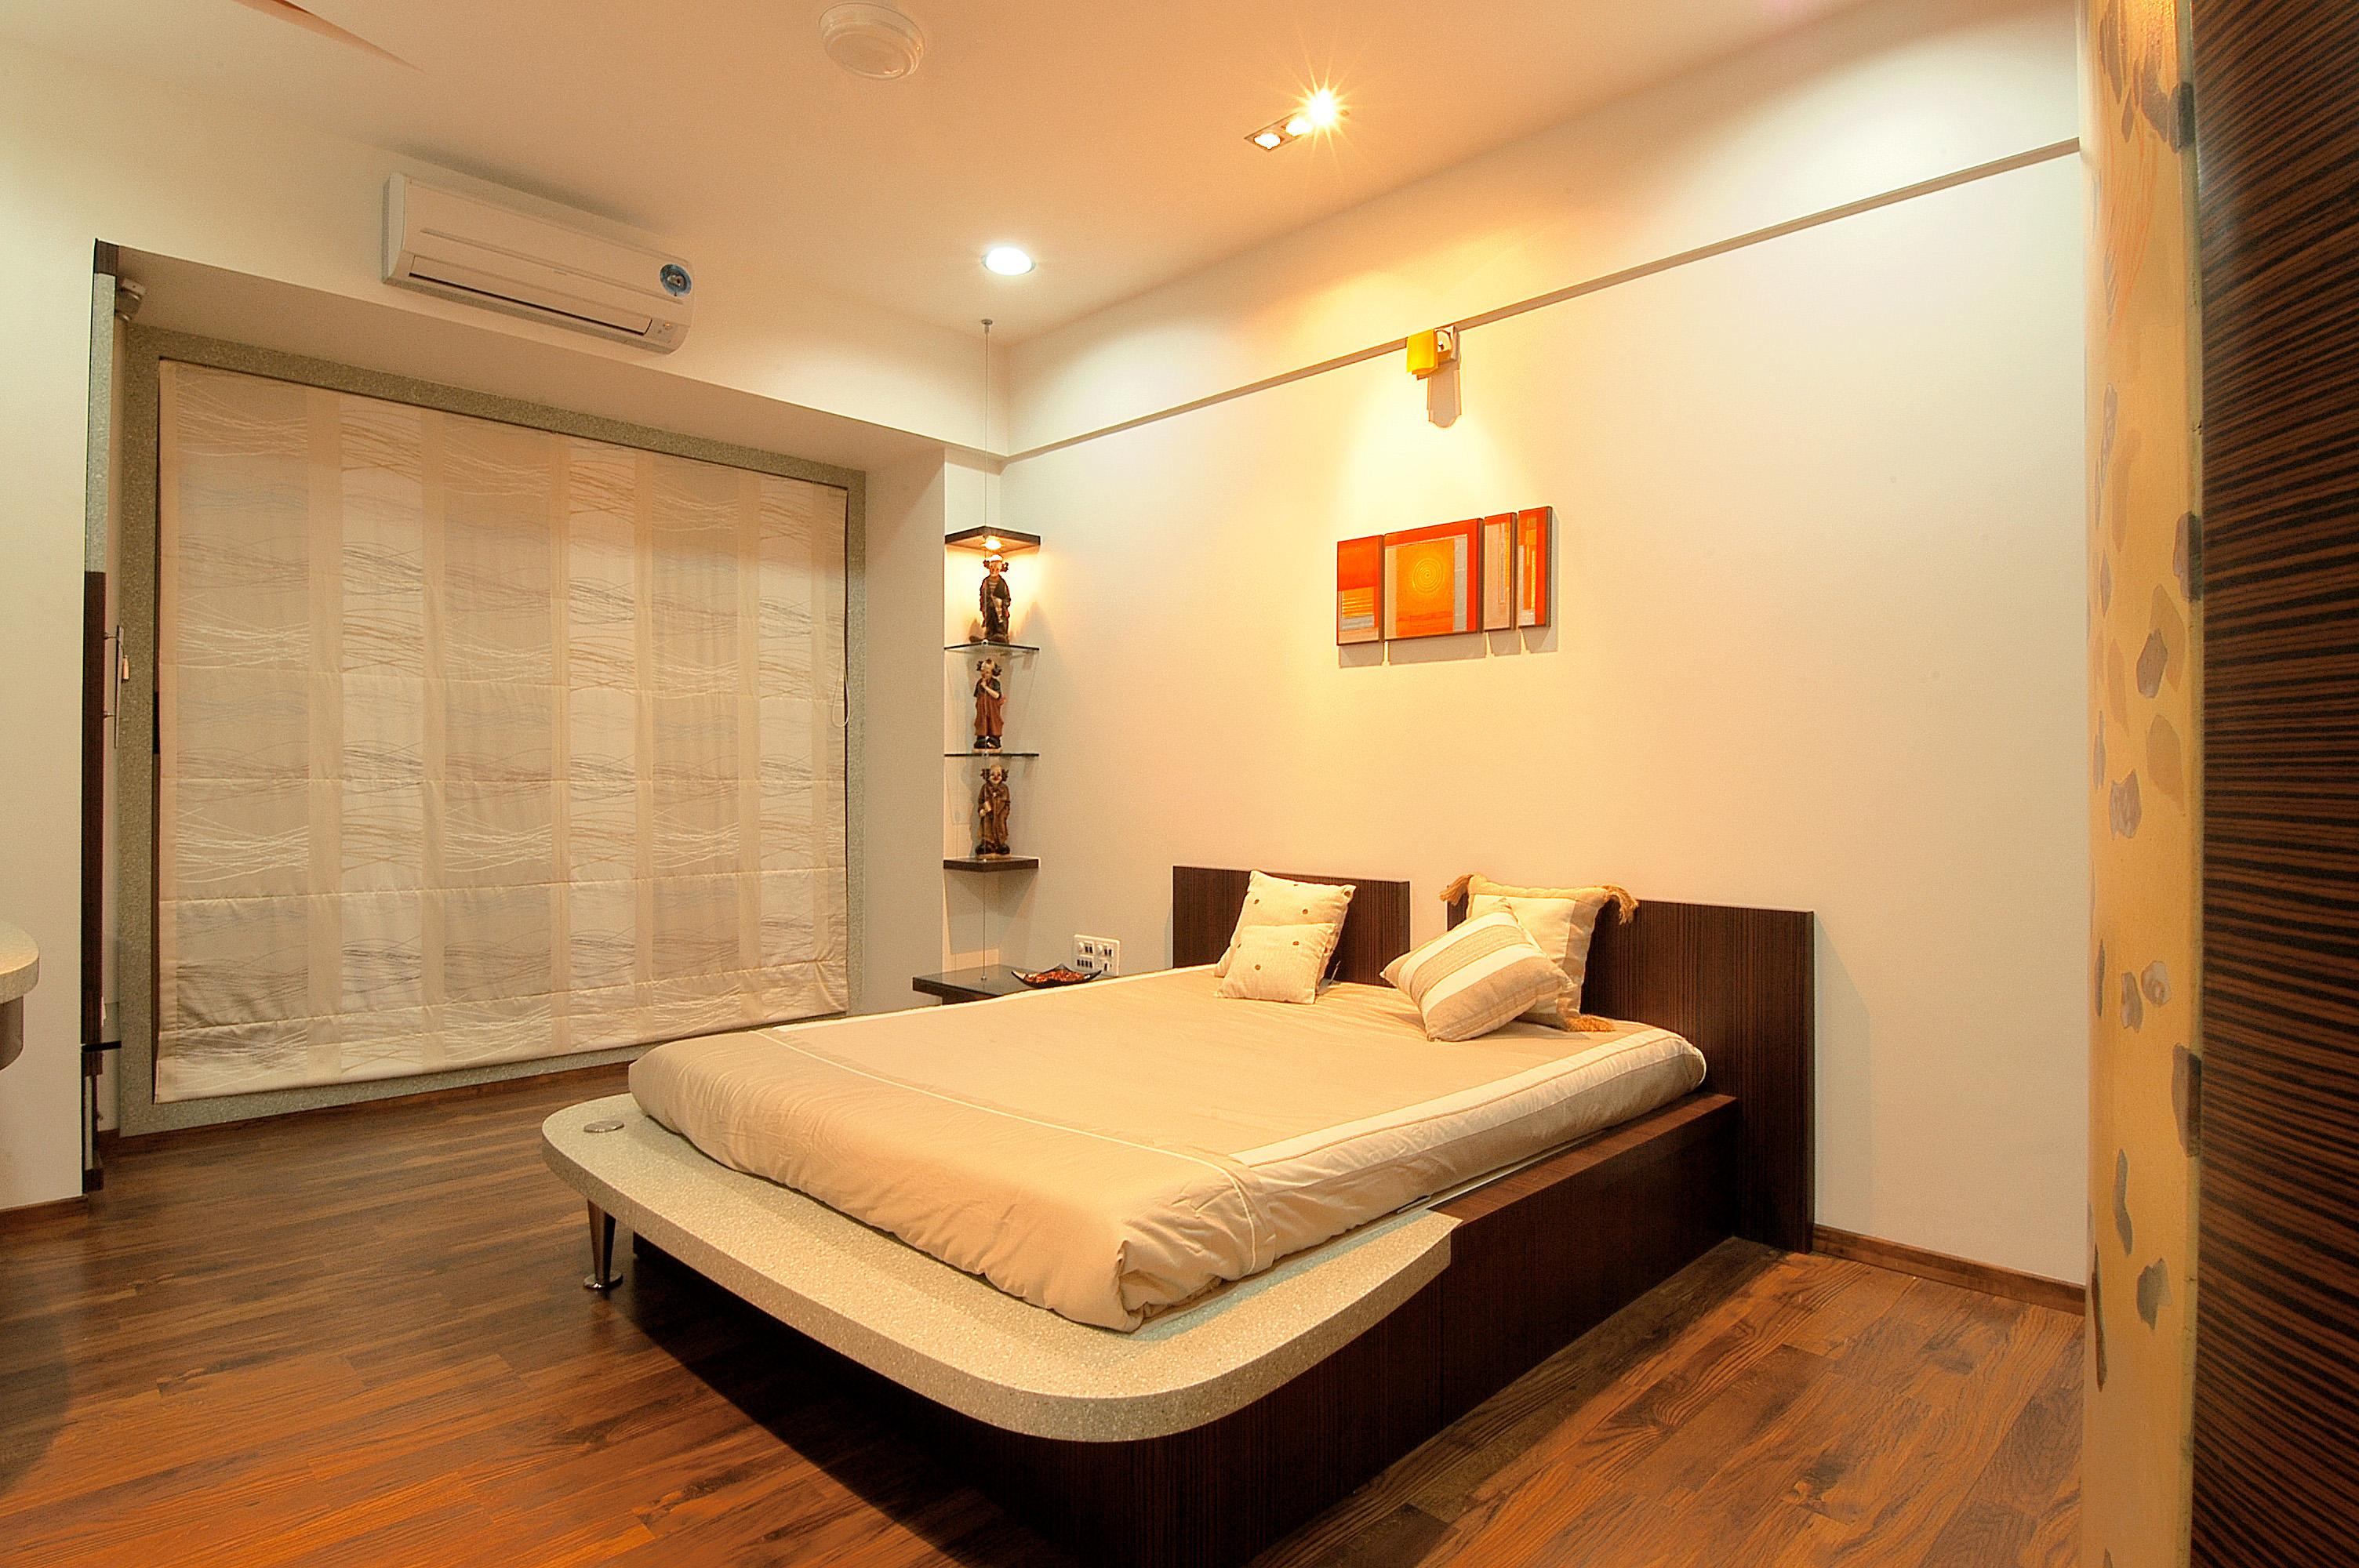 Interior Designer Mumbai, Best Interior Designer Mumbai. We Provide  Affordable Interior Designing Services In Mumbai. Looking For Interior  Designer In ...